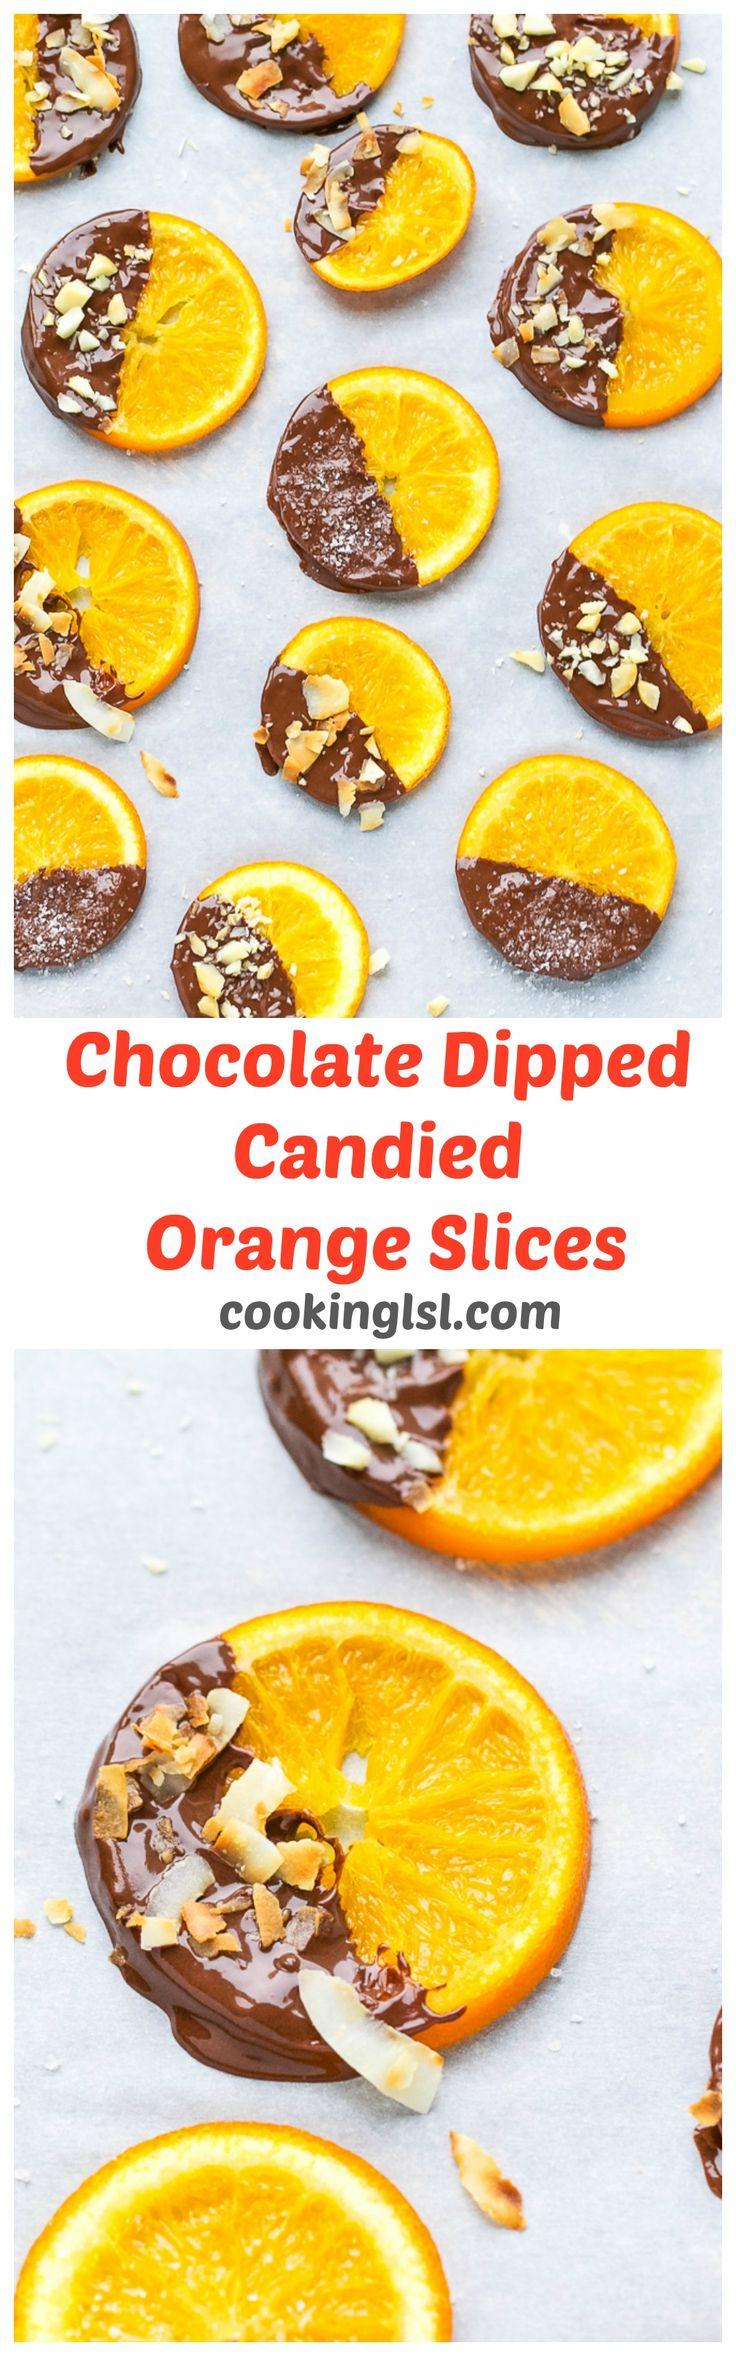 Best 25+ Candied orange slices ideas on Pinterest ...